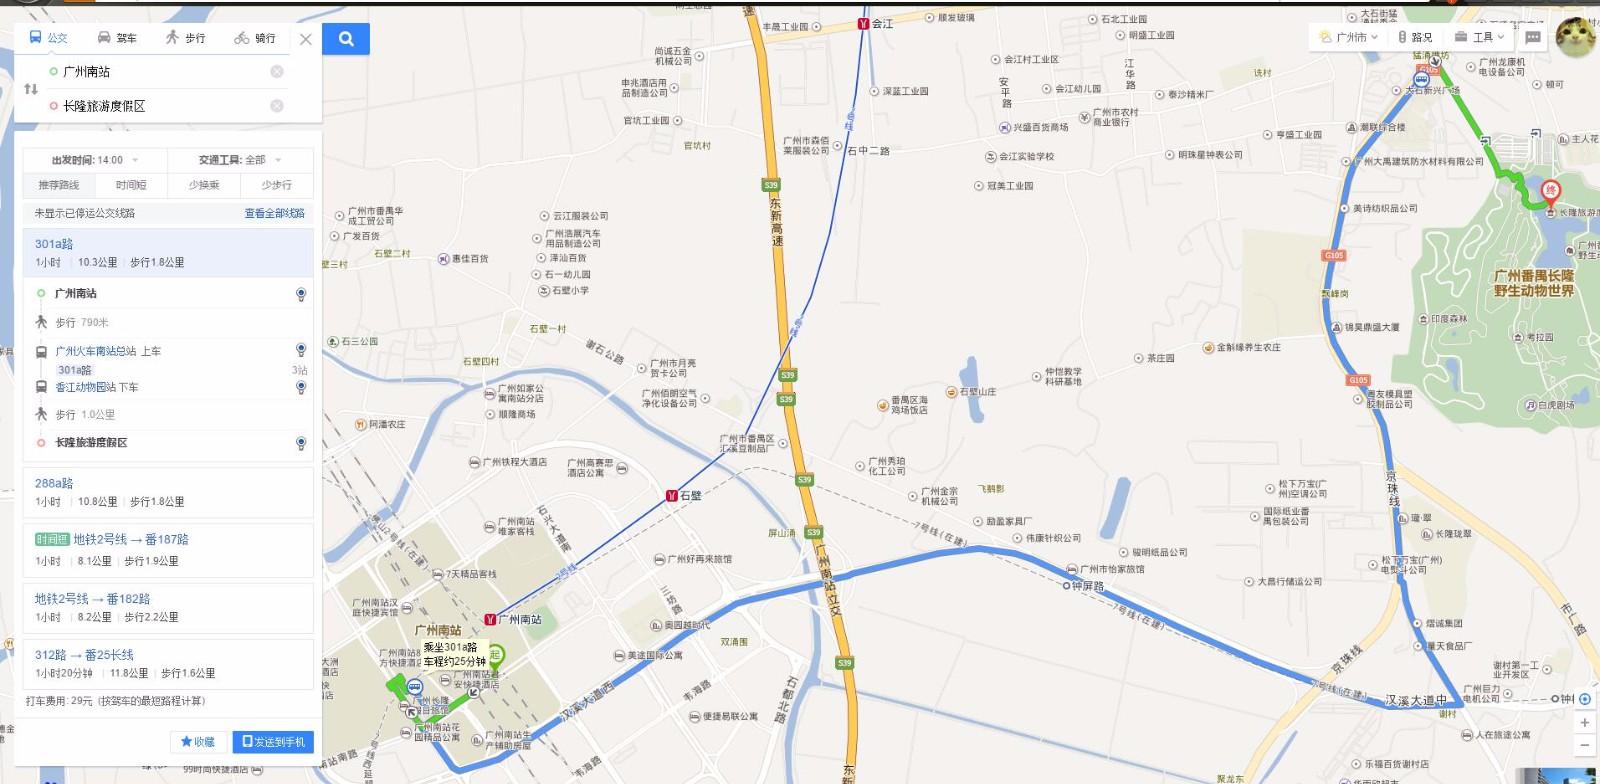 广州站附近景点